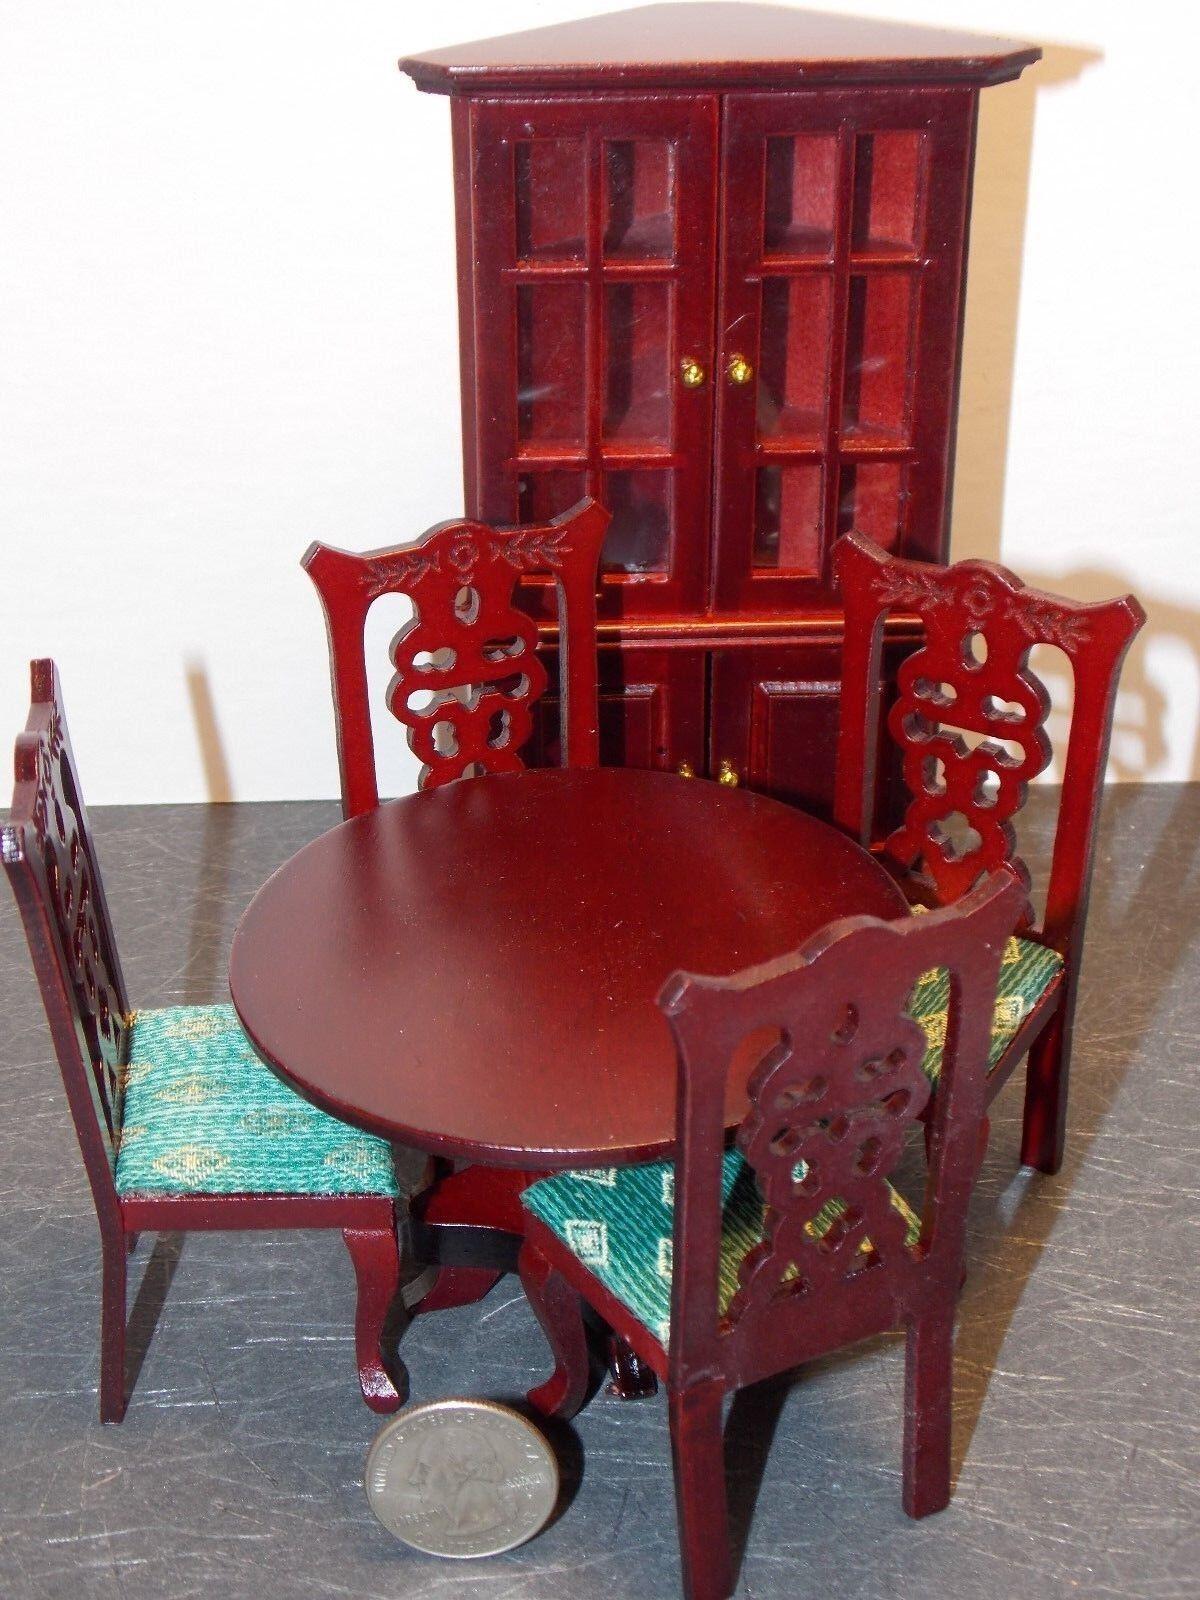 Casa de muñecas en miniatura mesa de comedor Hutch Set 1 12 escala F1 dollys Galería